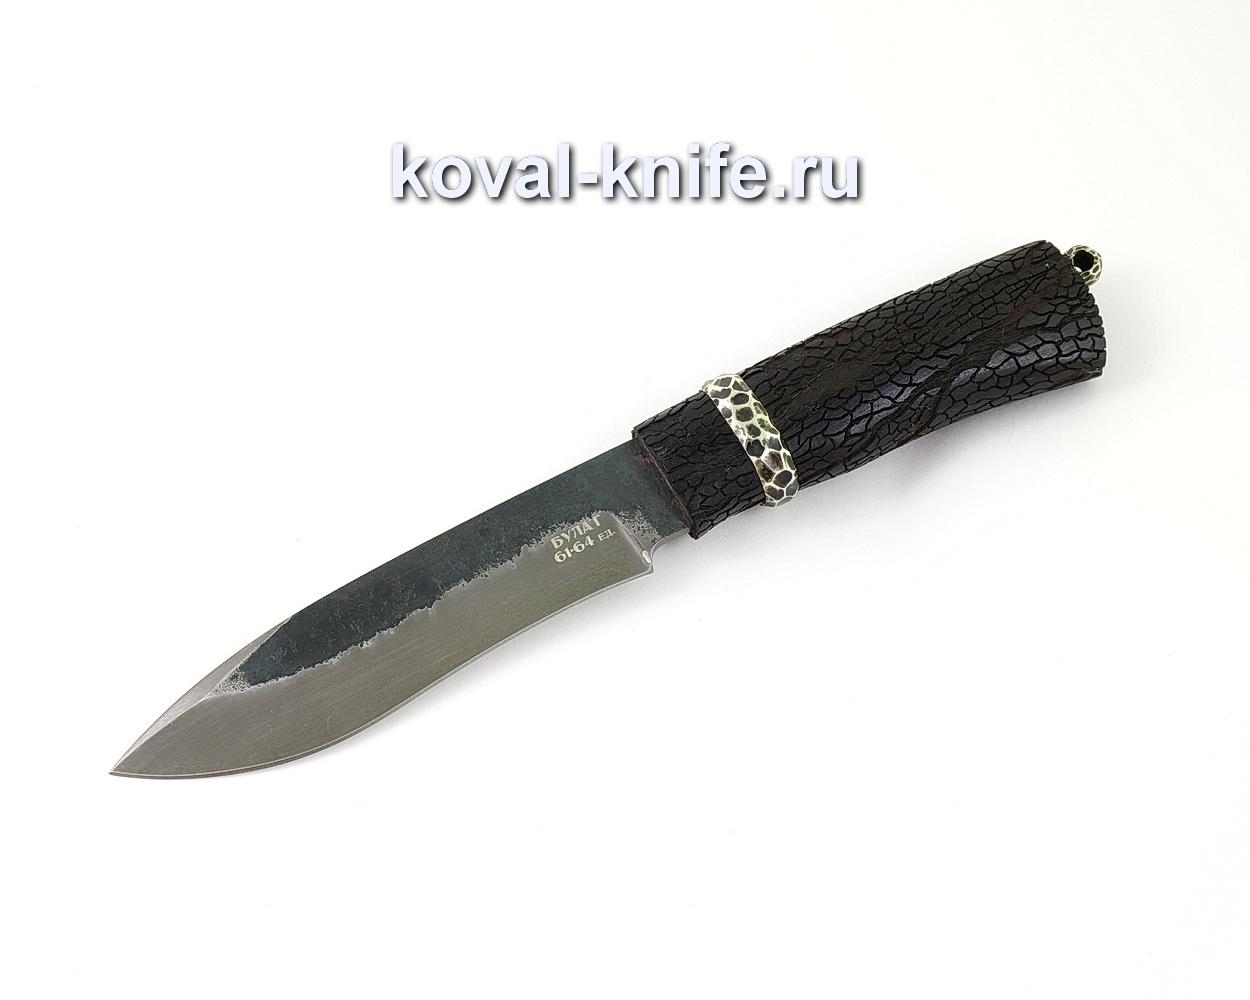 Нож из булатной стали Орлан (Легированный булат, рукоять из граба с резьбой, мельхиор) A460